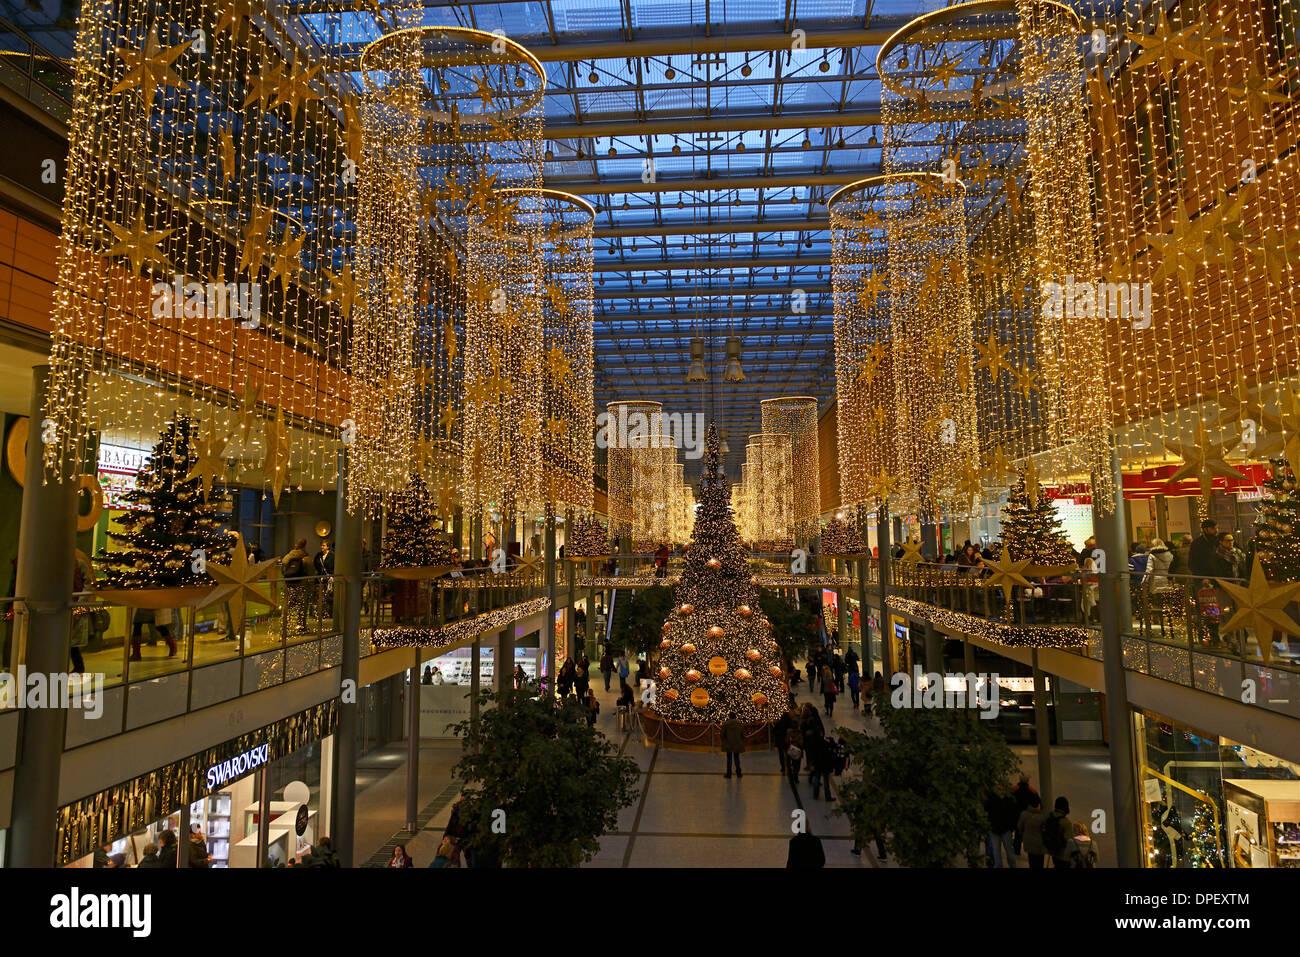 Weihnachtsbeleuchtung Berlin.Potsdamer Platz Arcade Stock Photos Potsdamer Platz Arcade Stock